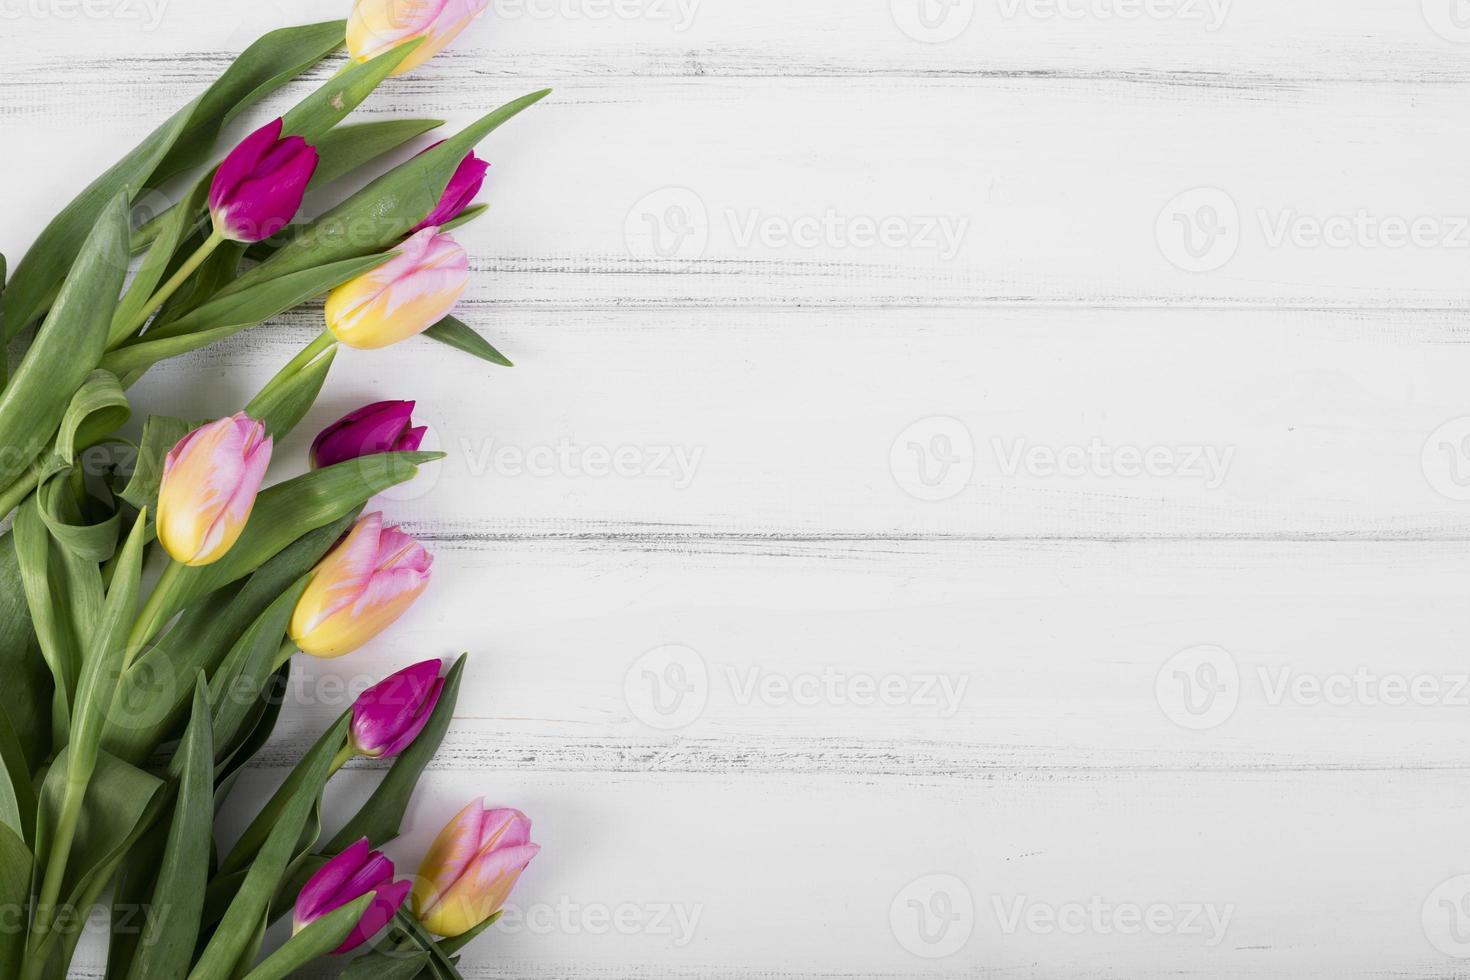 färgglada tulpaner på träbakgrund foto